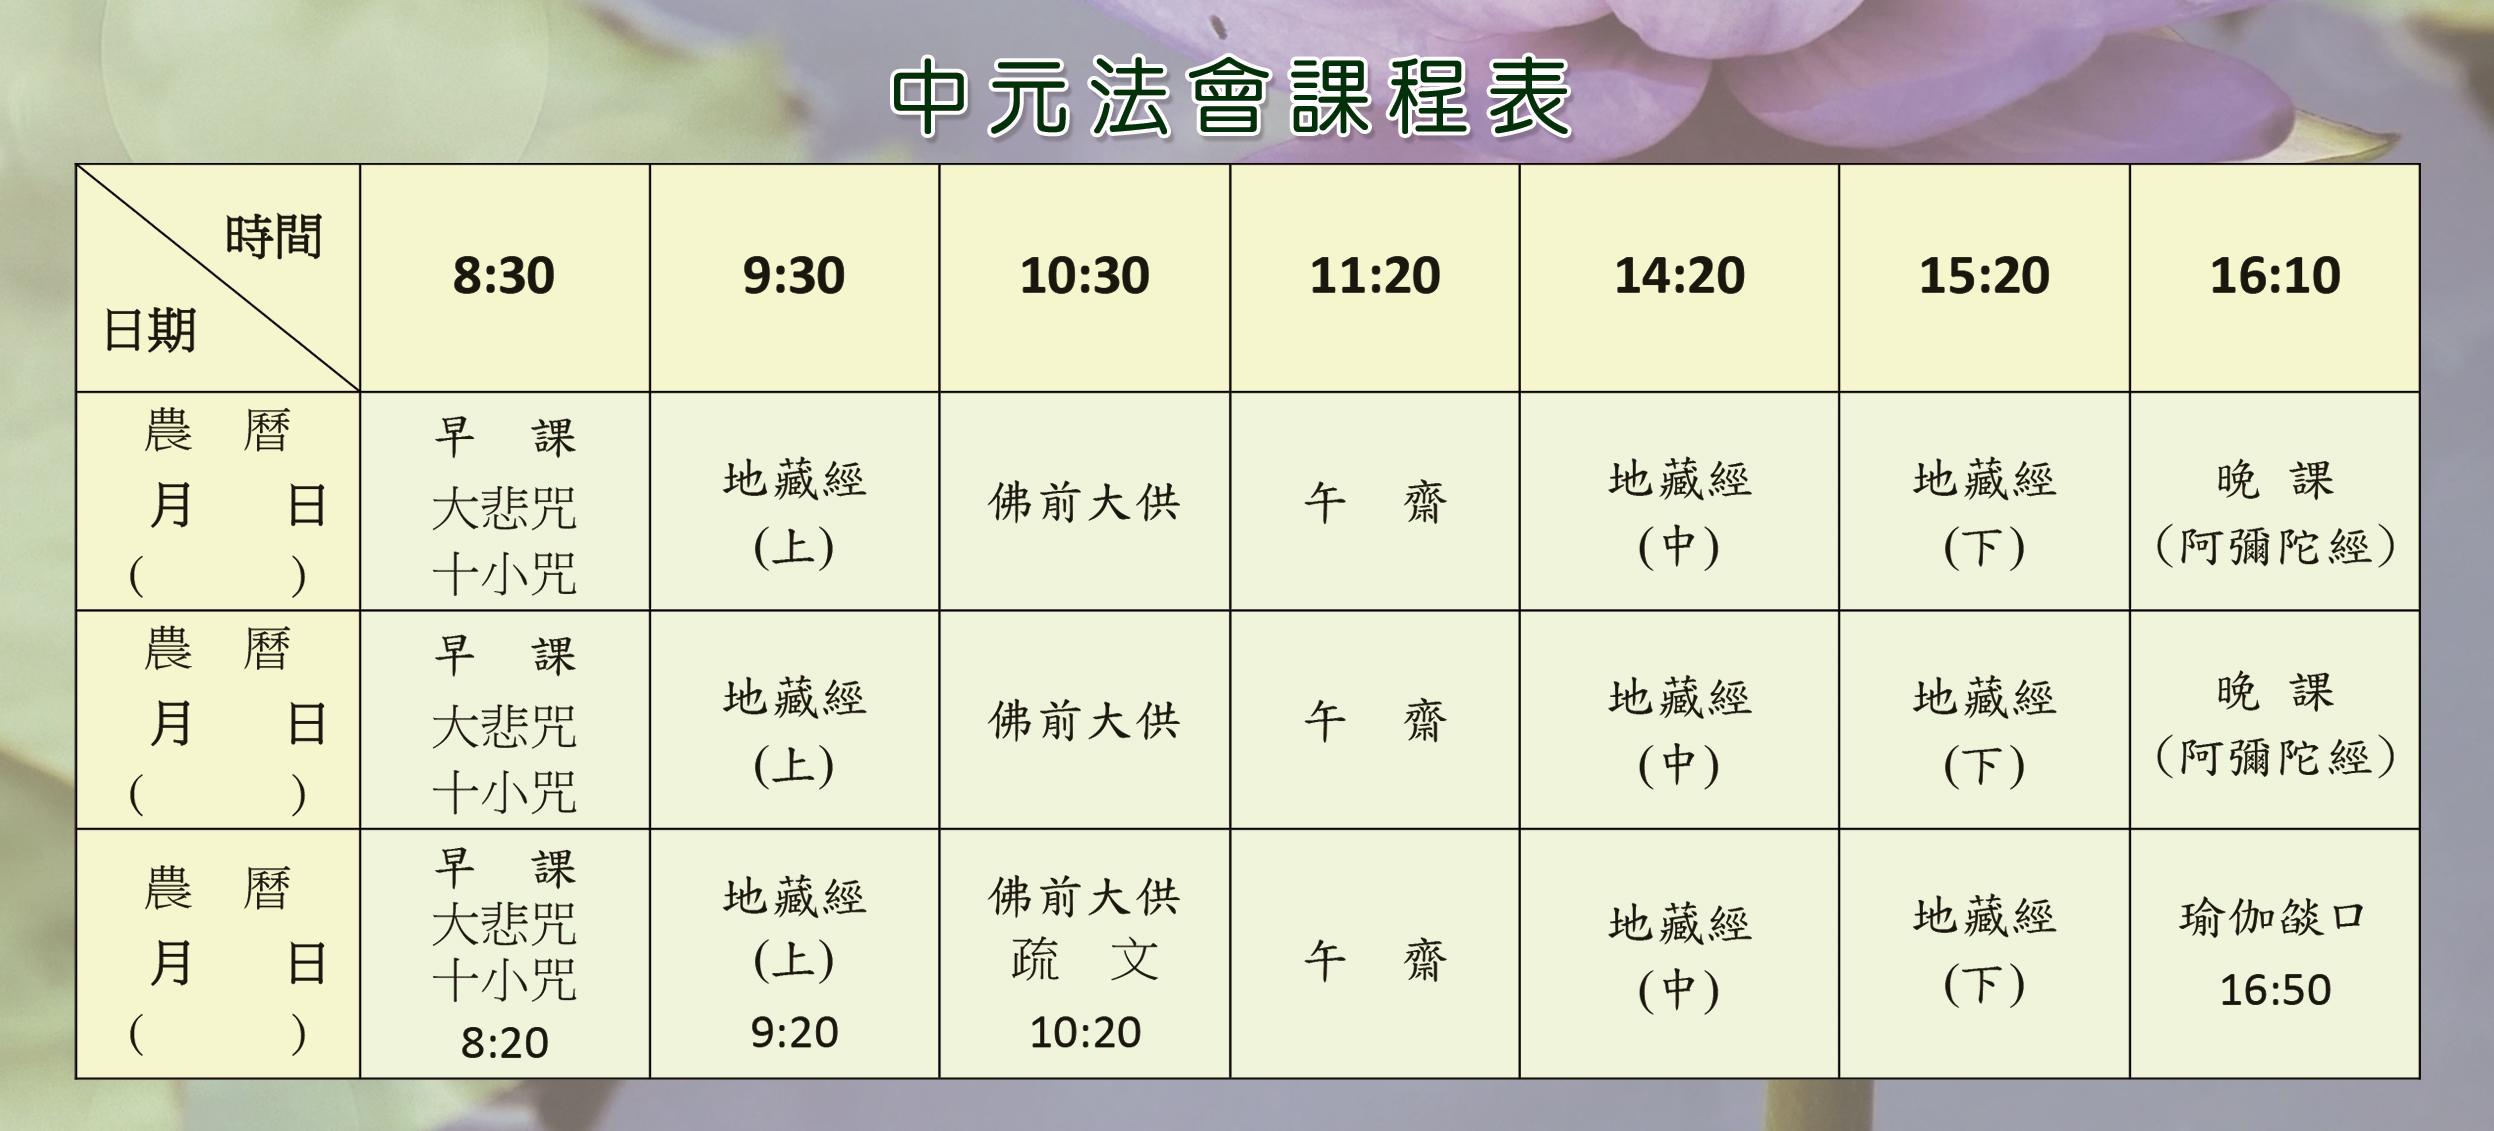 中元法會課程表